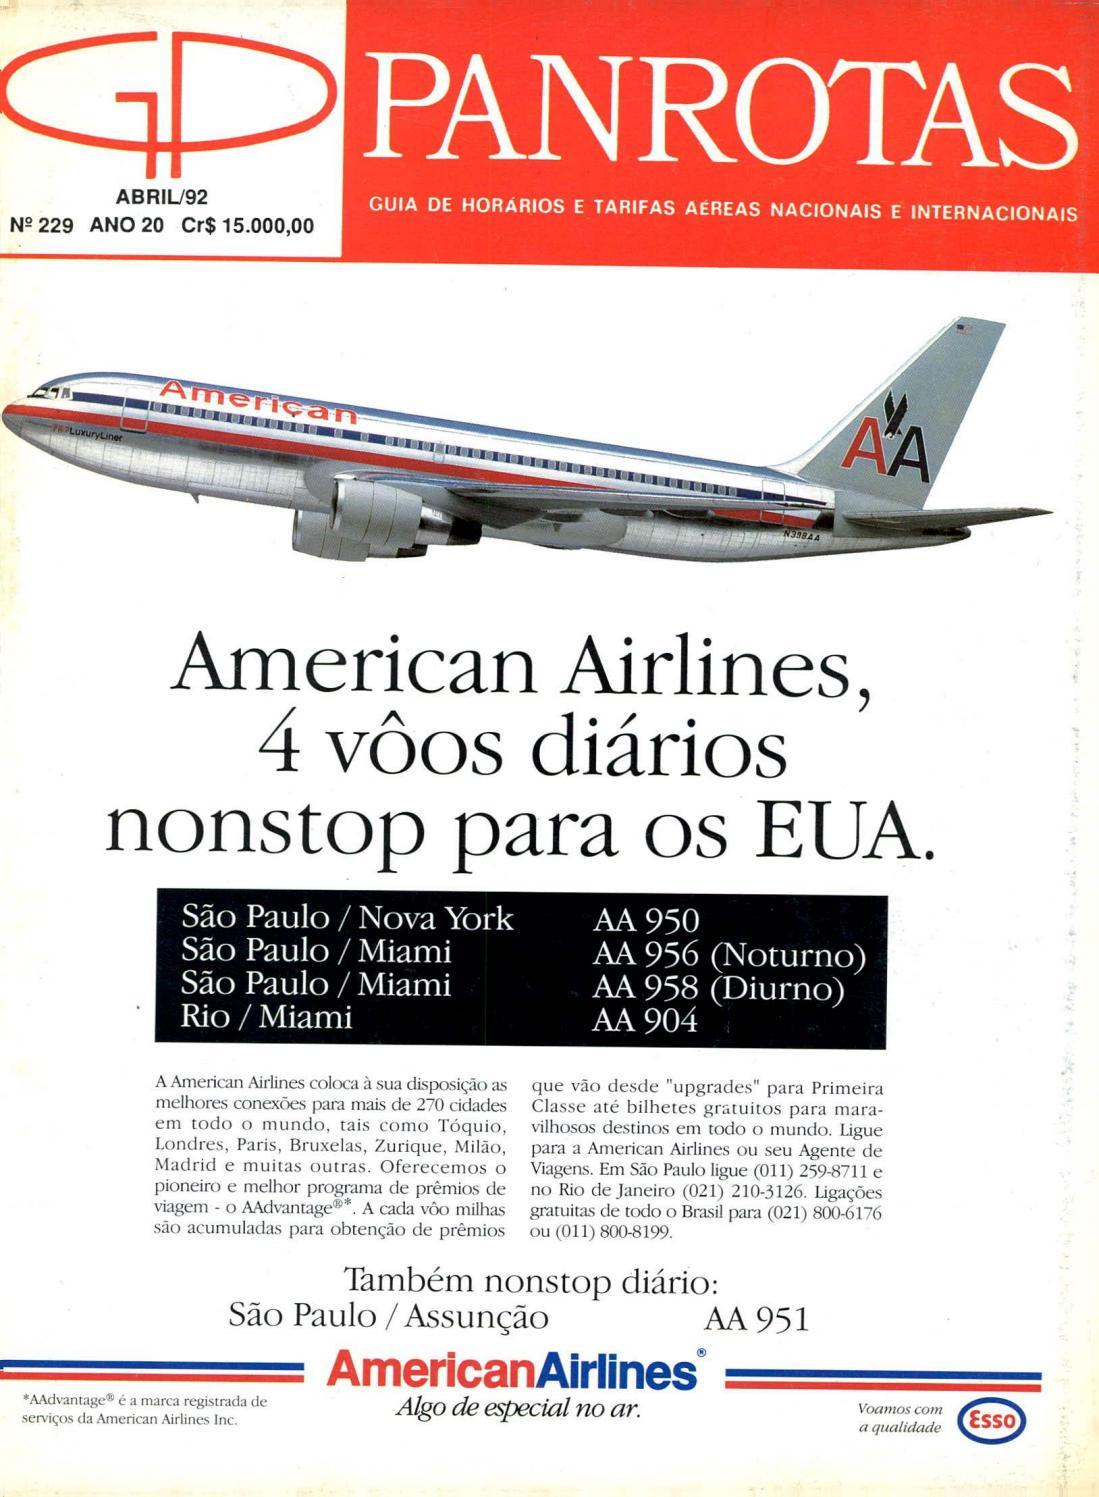 Guia PANROTAS - Edição 229 - Abril 1992 by PANROTAS Editora - issuu 8704c9c0f9e